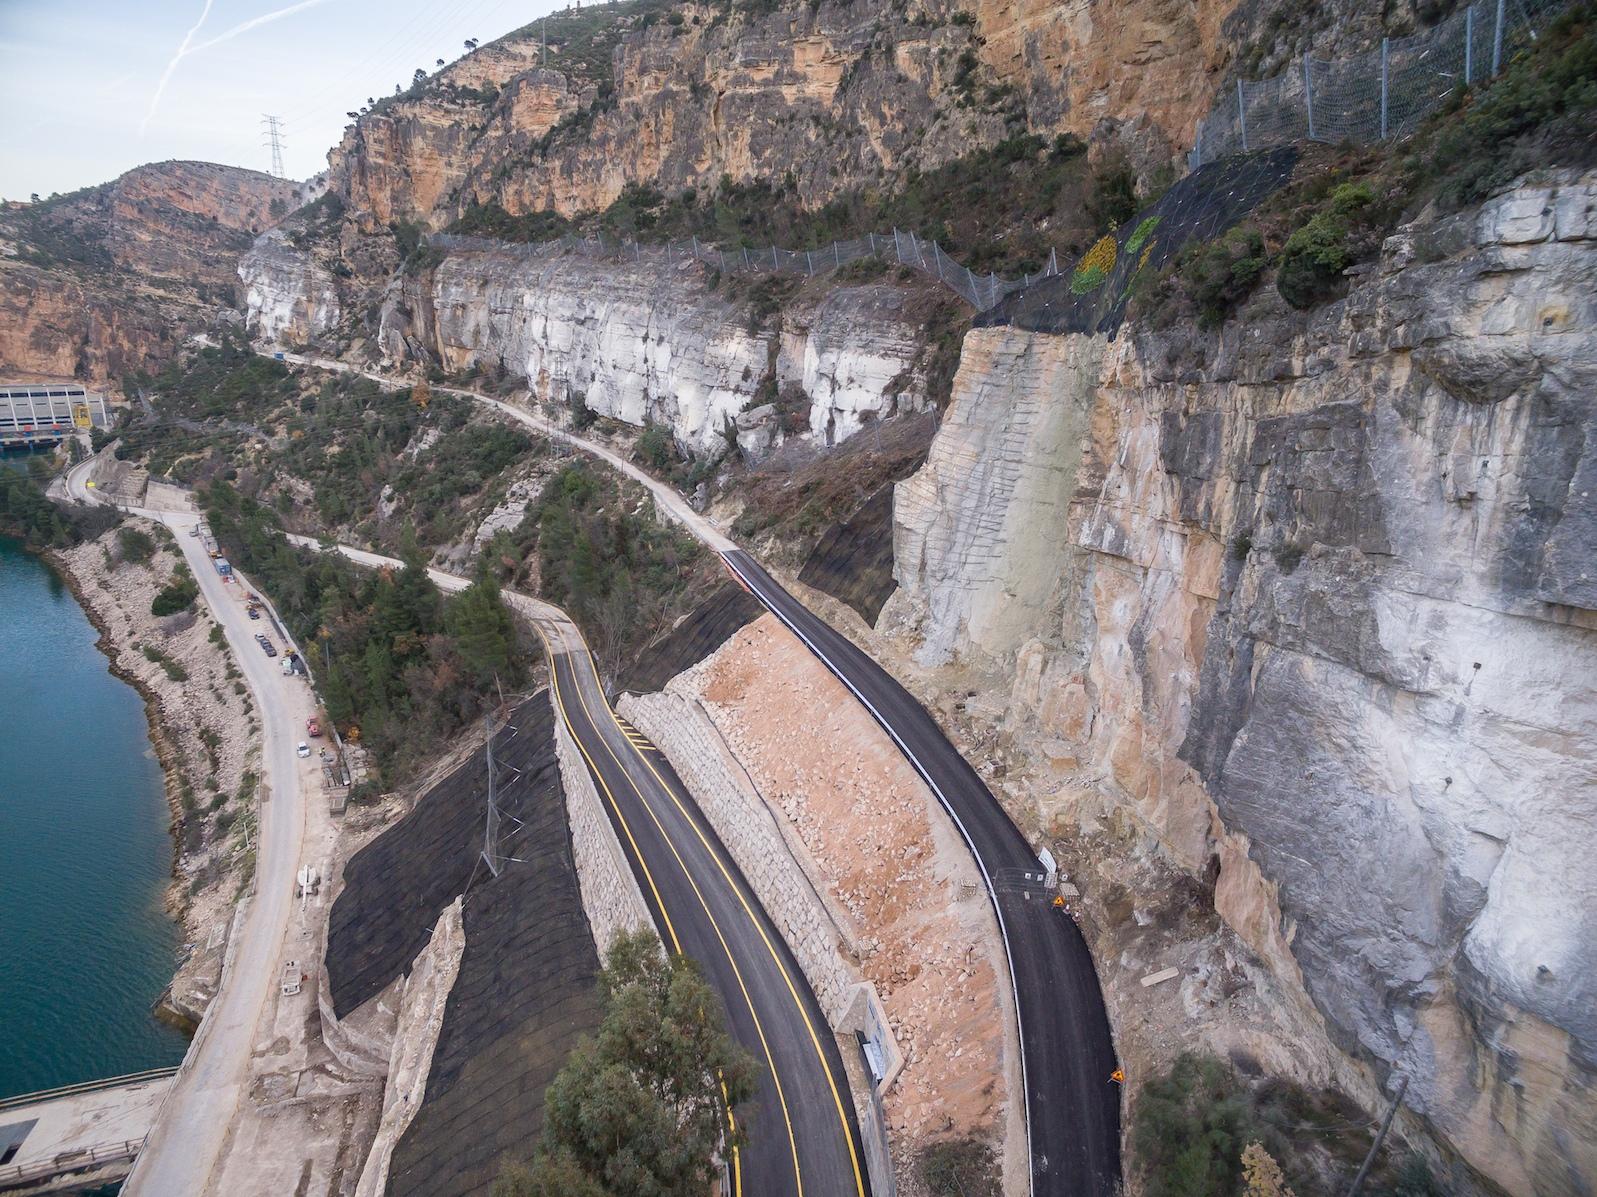 Una imagen de la carretera de acceso a Cortes de Pallás tras su remodelación.